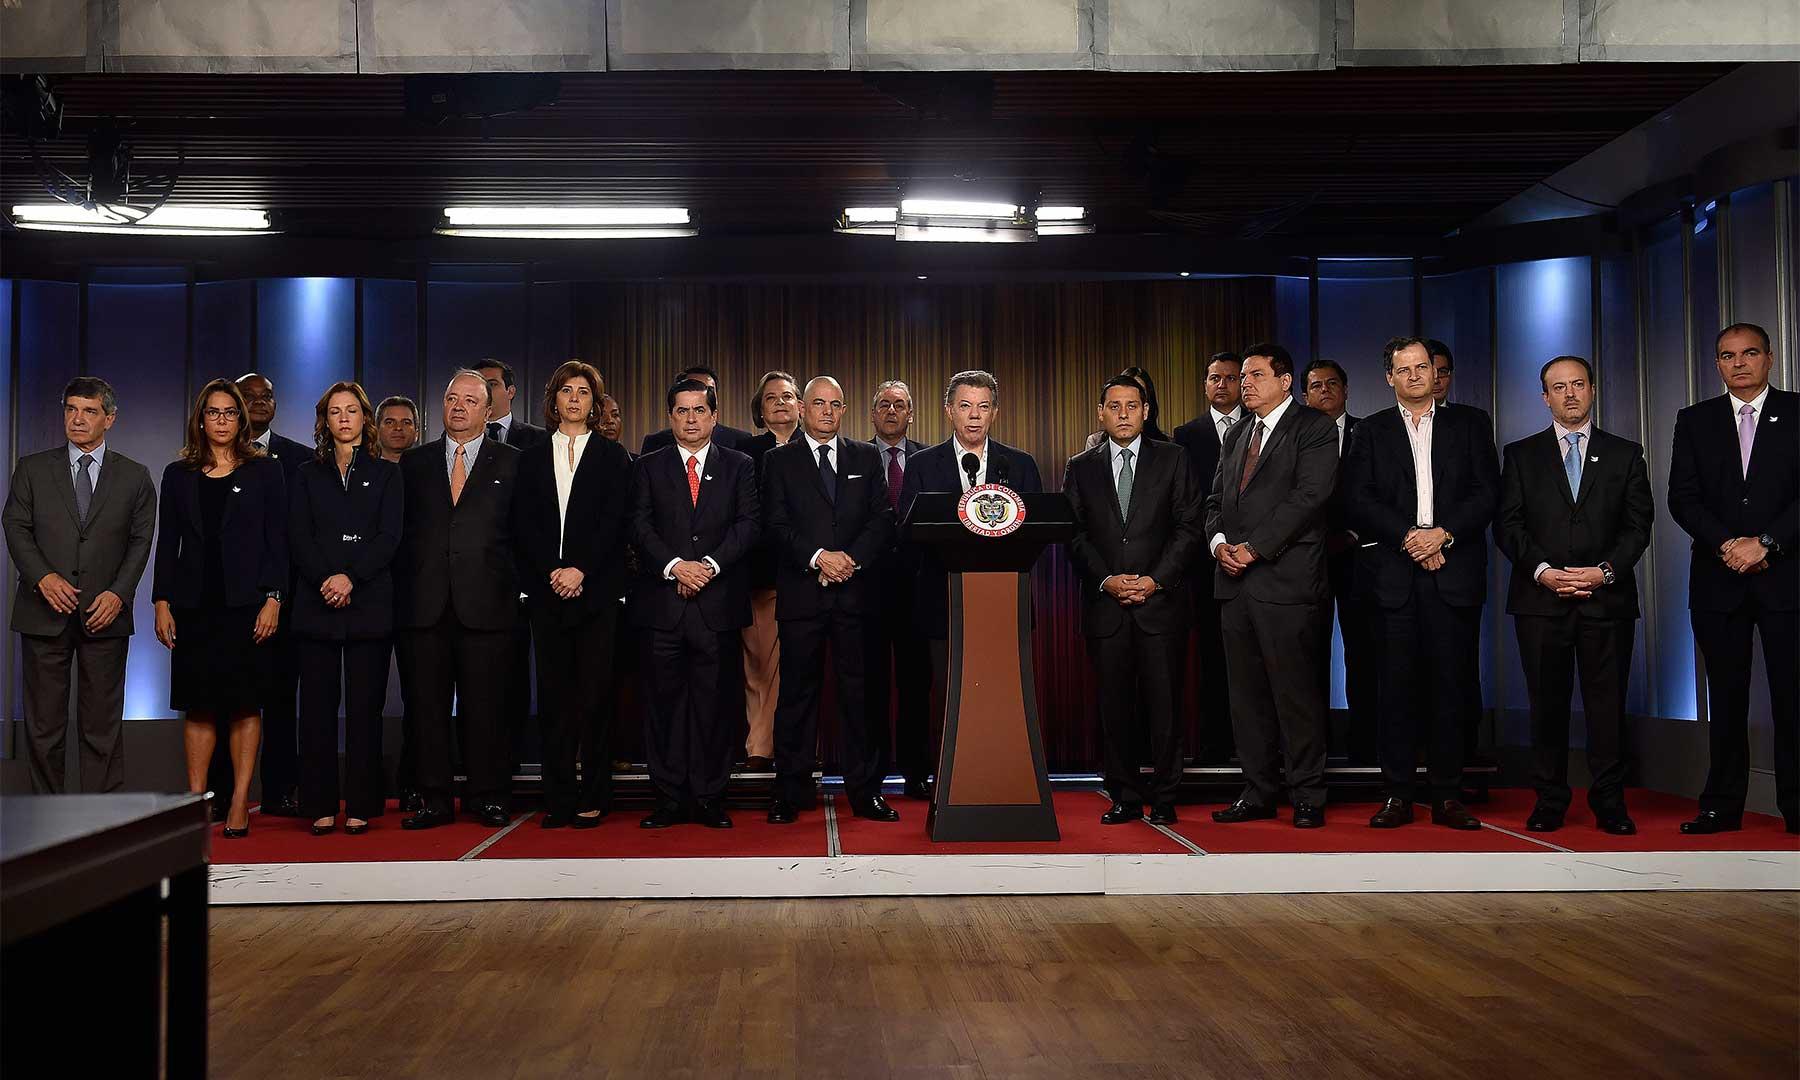 El Vicepresidente, los Ministros y los directivos del Congreso rodearon este martes al Presidente durante la firma del decreto que convoca al plebiscito y fija la pregunta responderán los colombianos.